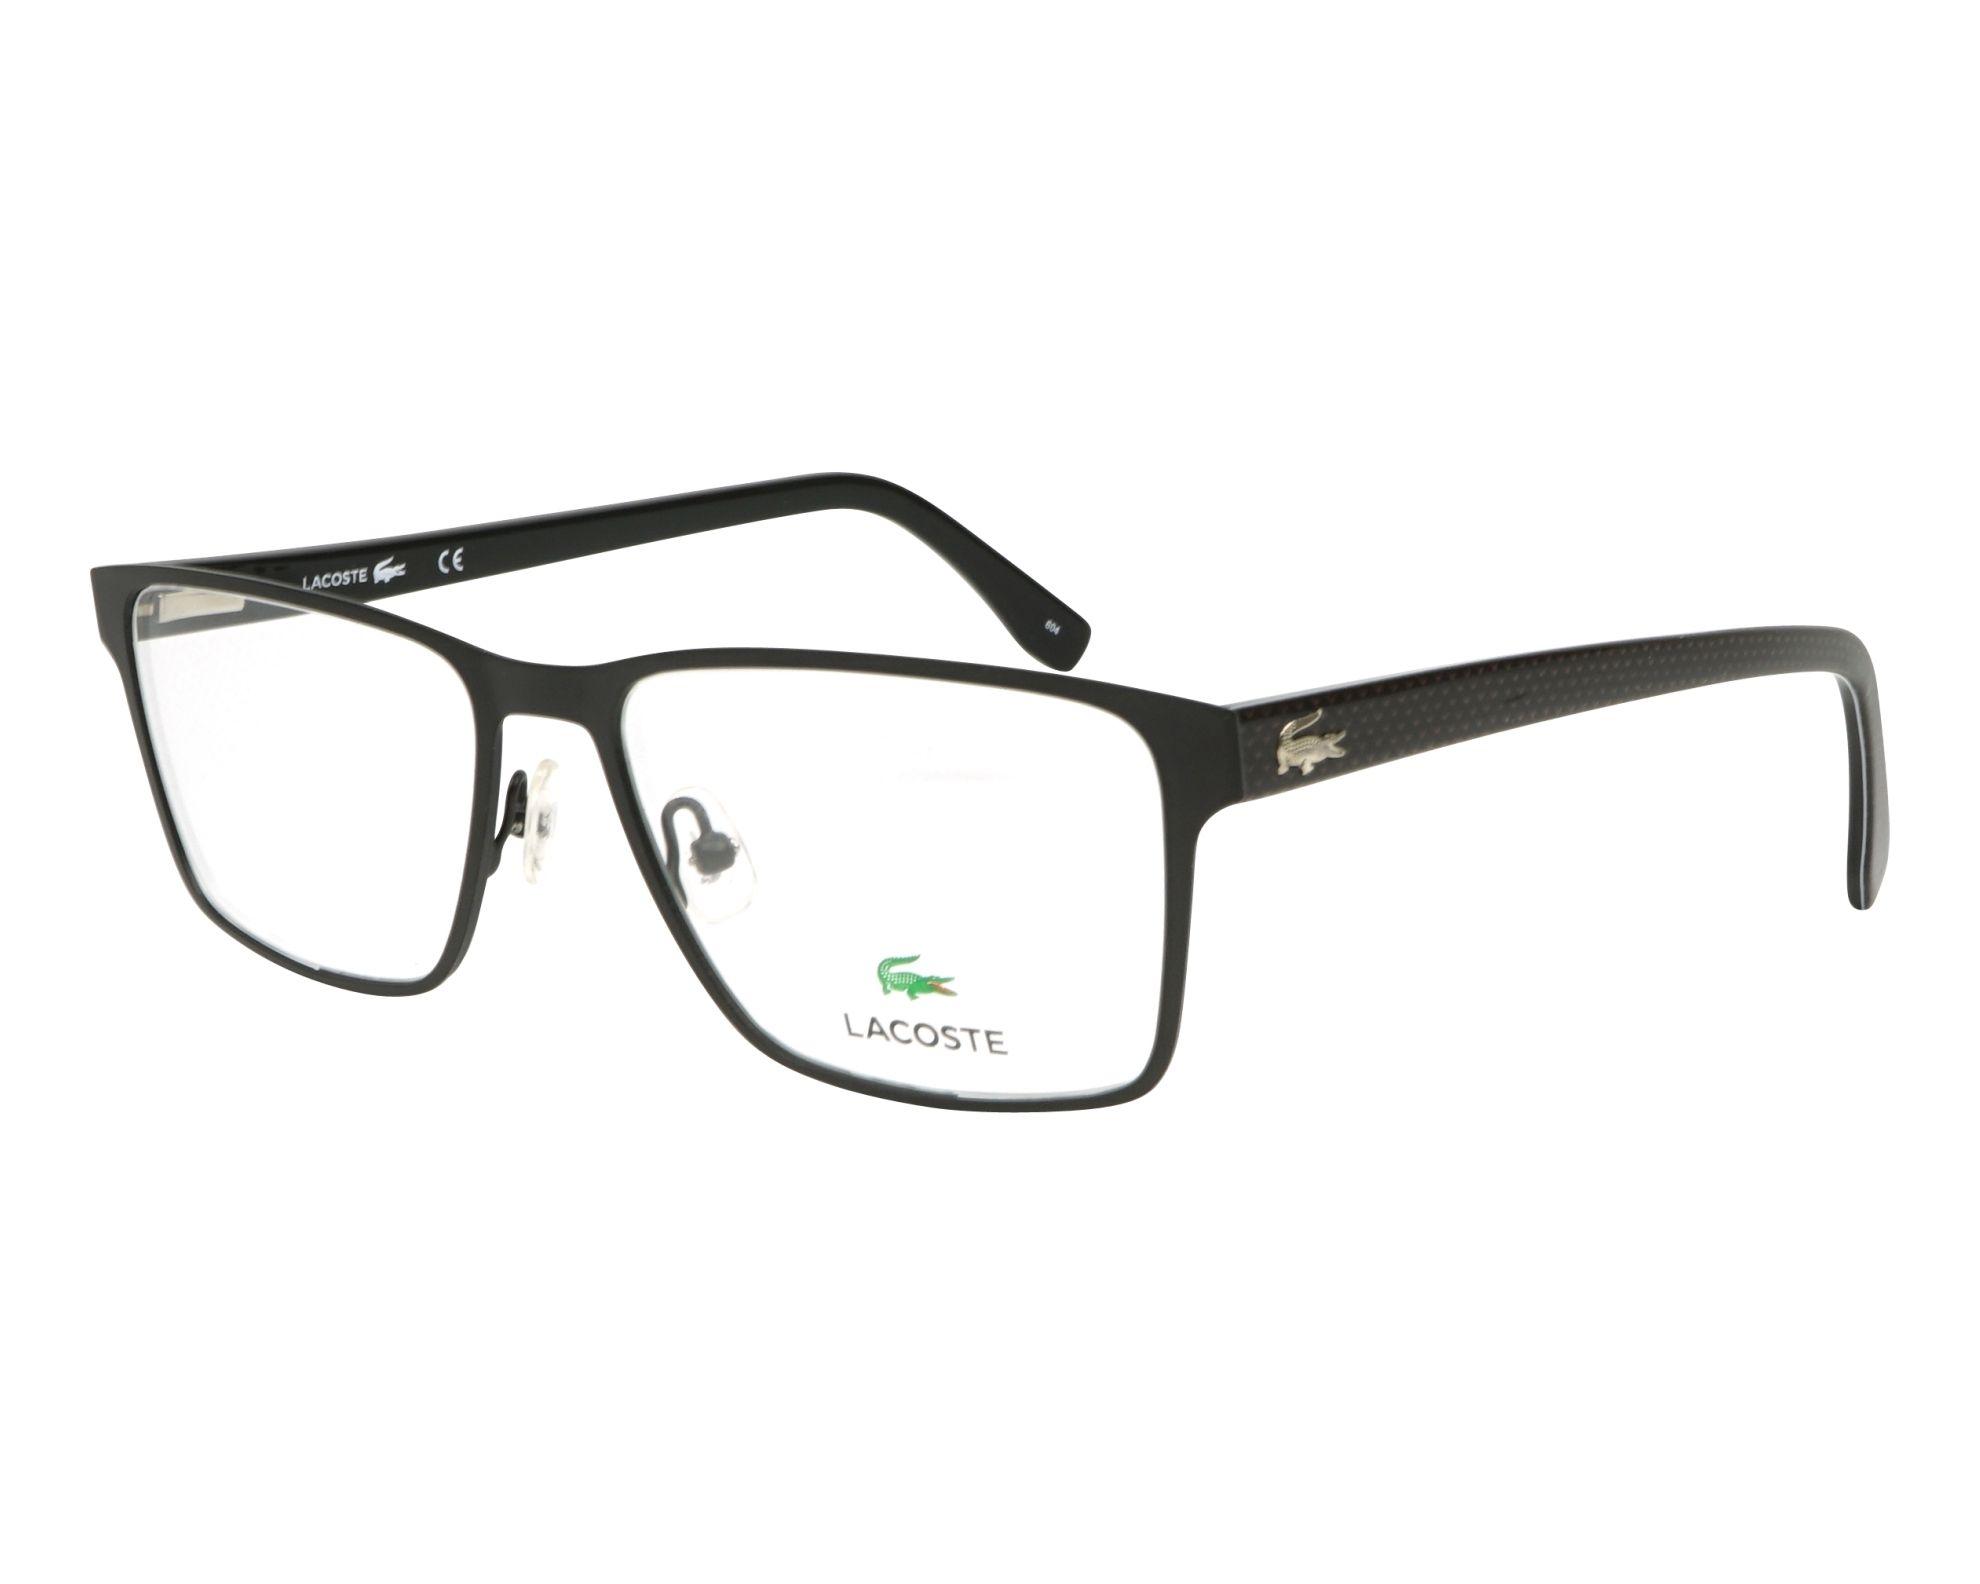 275b1ba9681 Brillen Lacoste L-2205 001 - schwarz schwarz Profilansicht